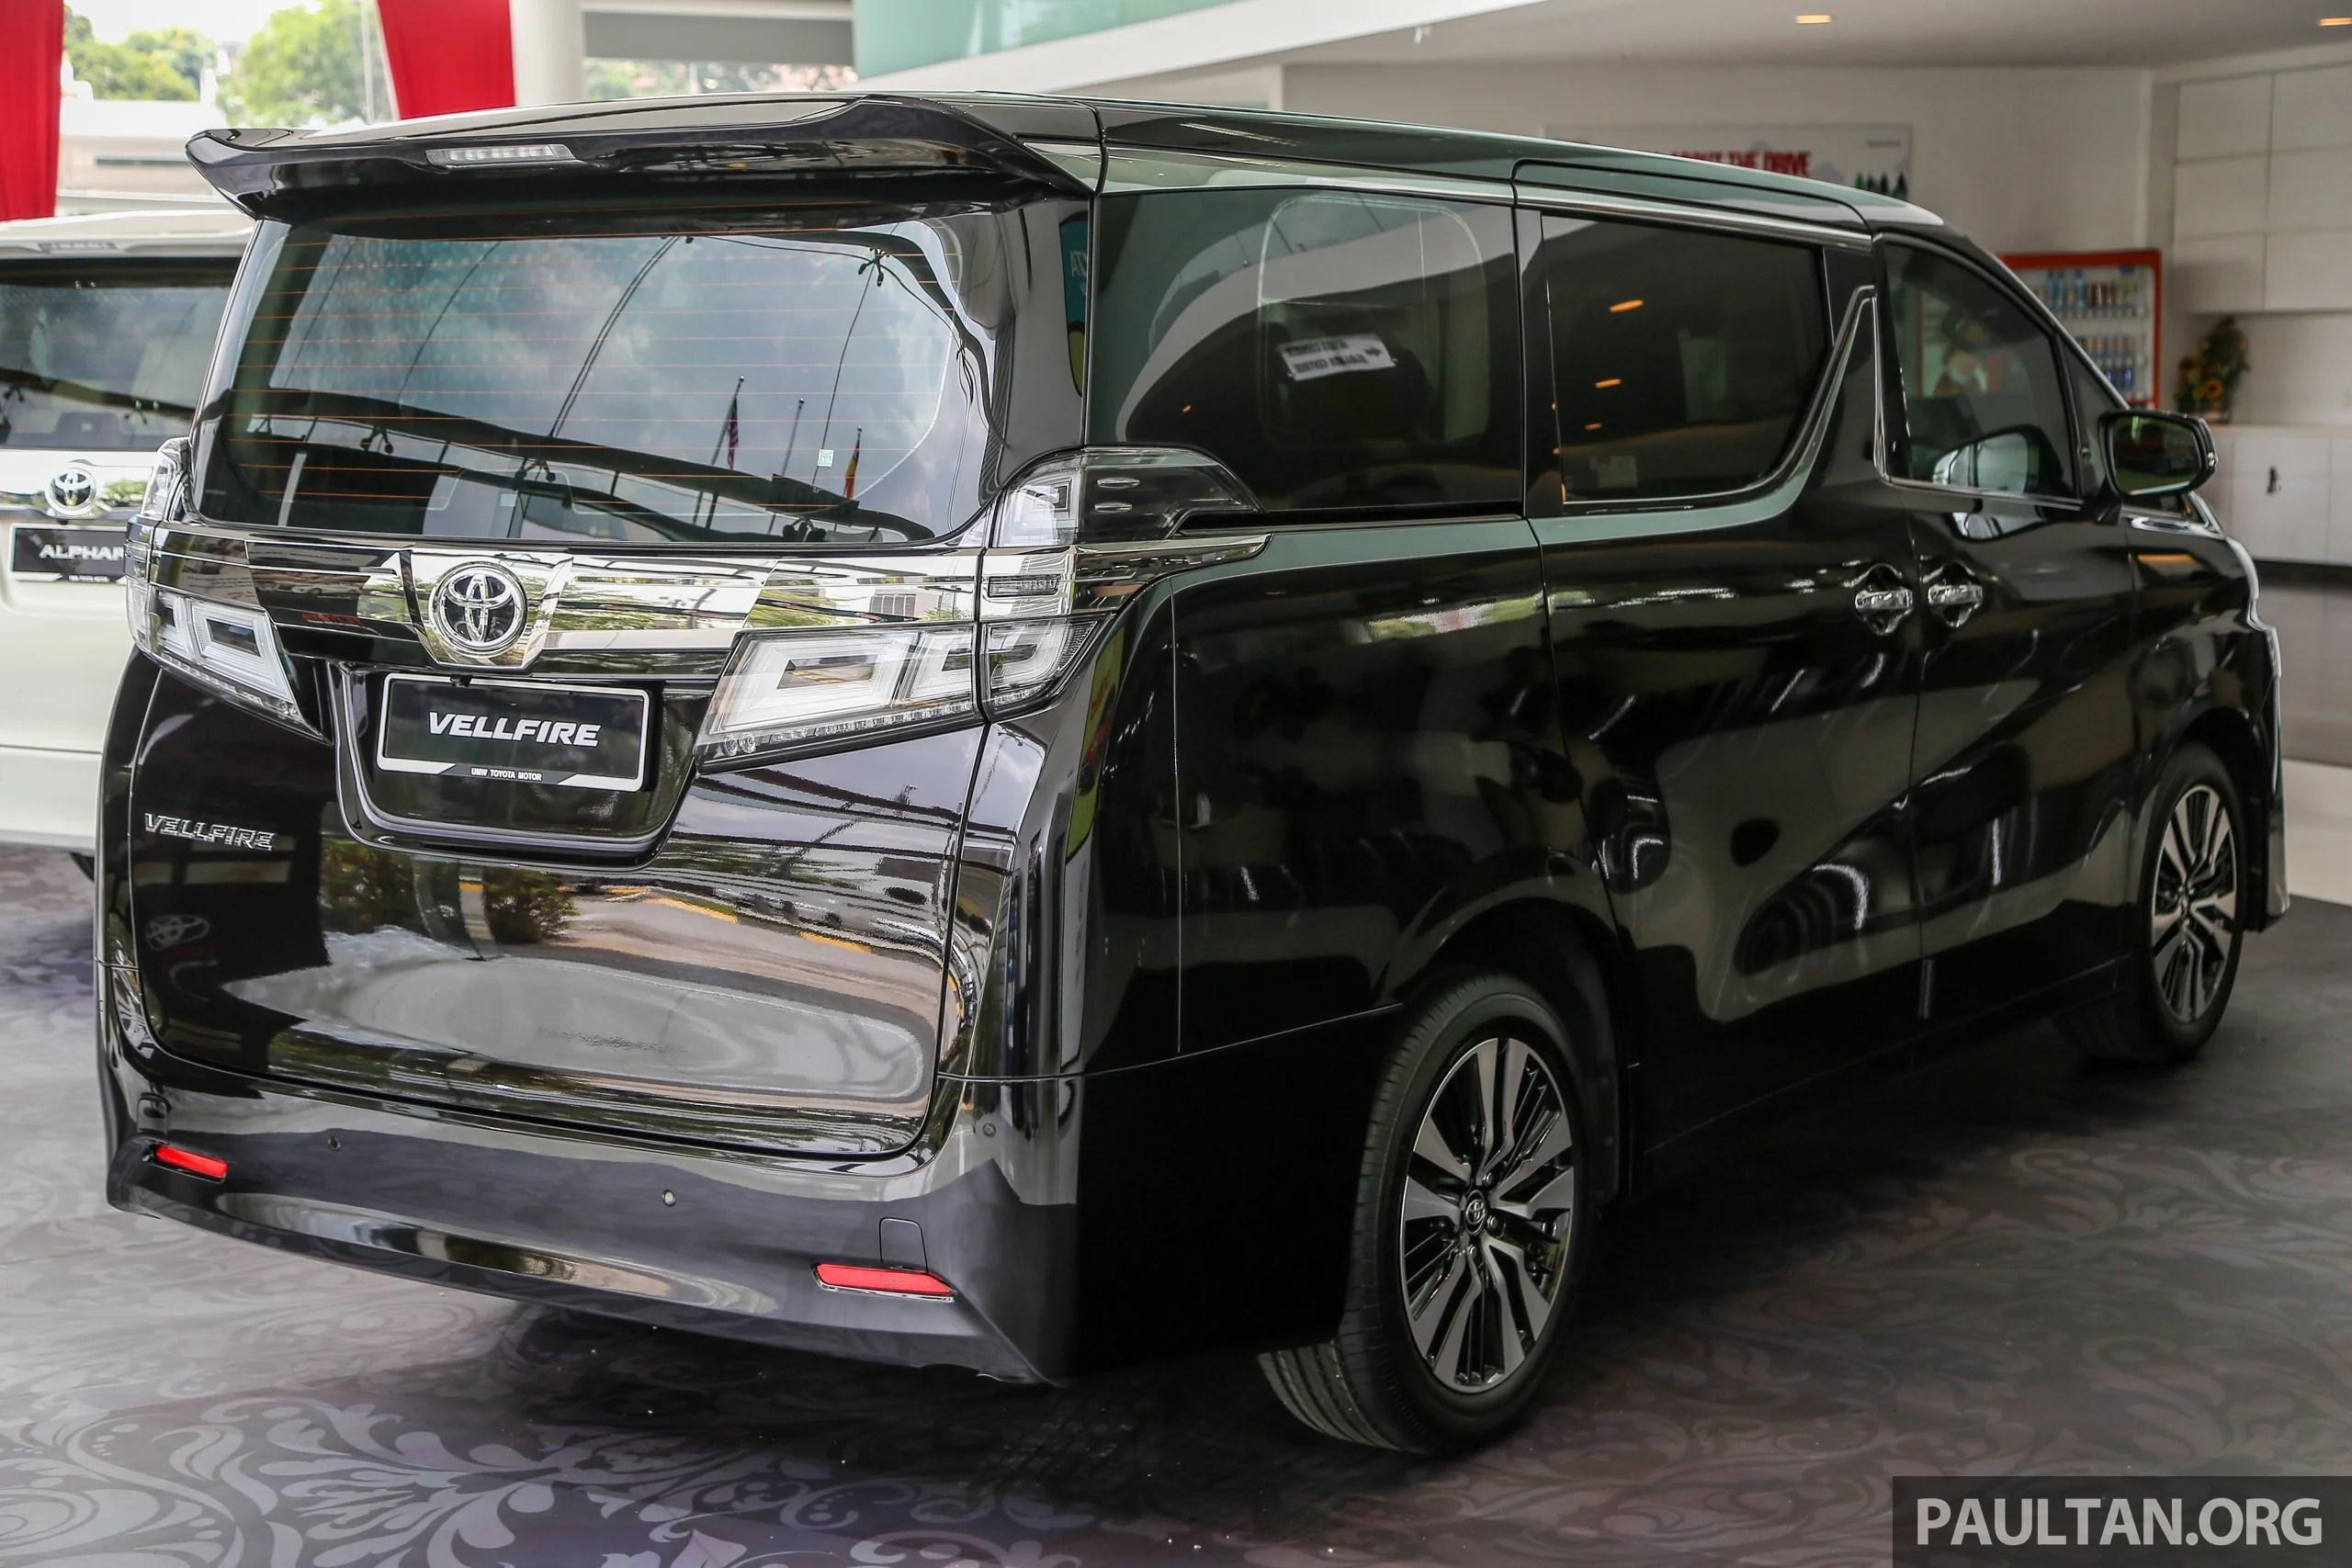 all new toyota vellfire 2018 grand veloz 1.3 alphard facelift on sale rm351k 541k 2 5 ext 3